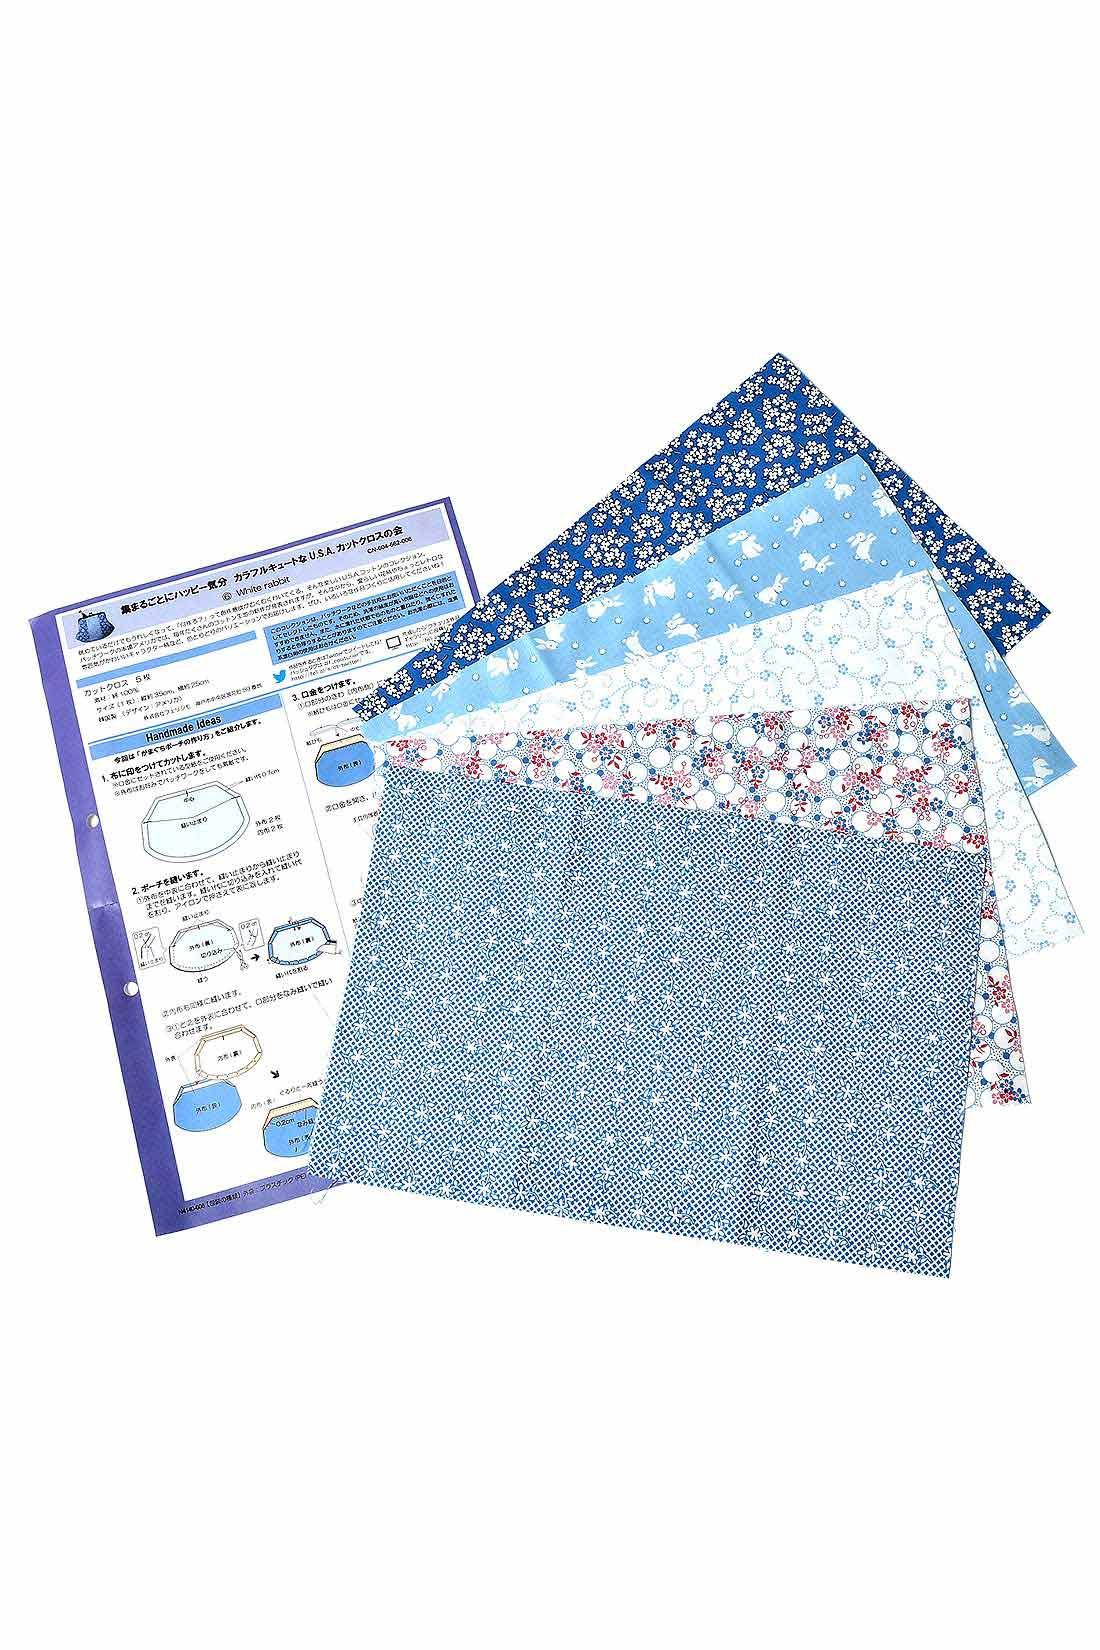 小物の作り方アイデアを紹介した情報カード付き。